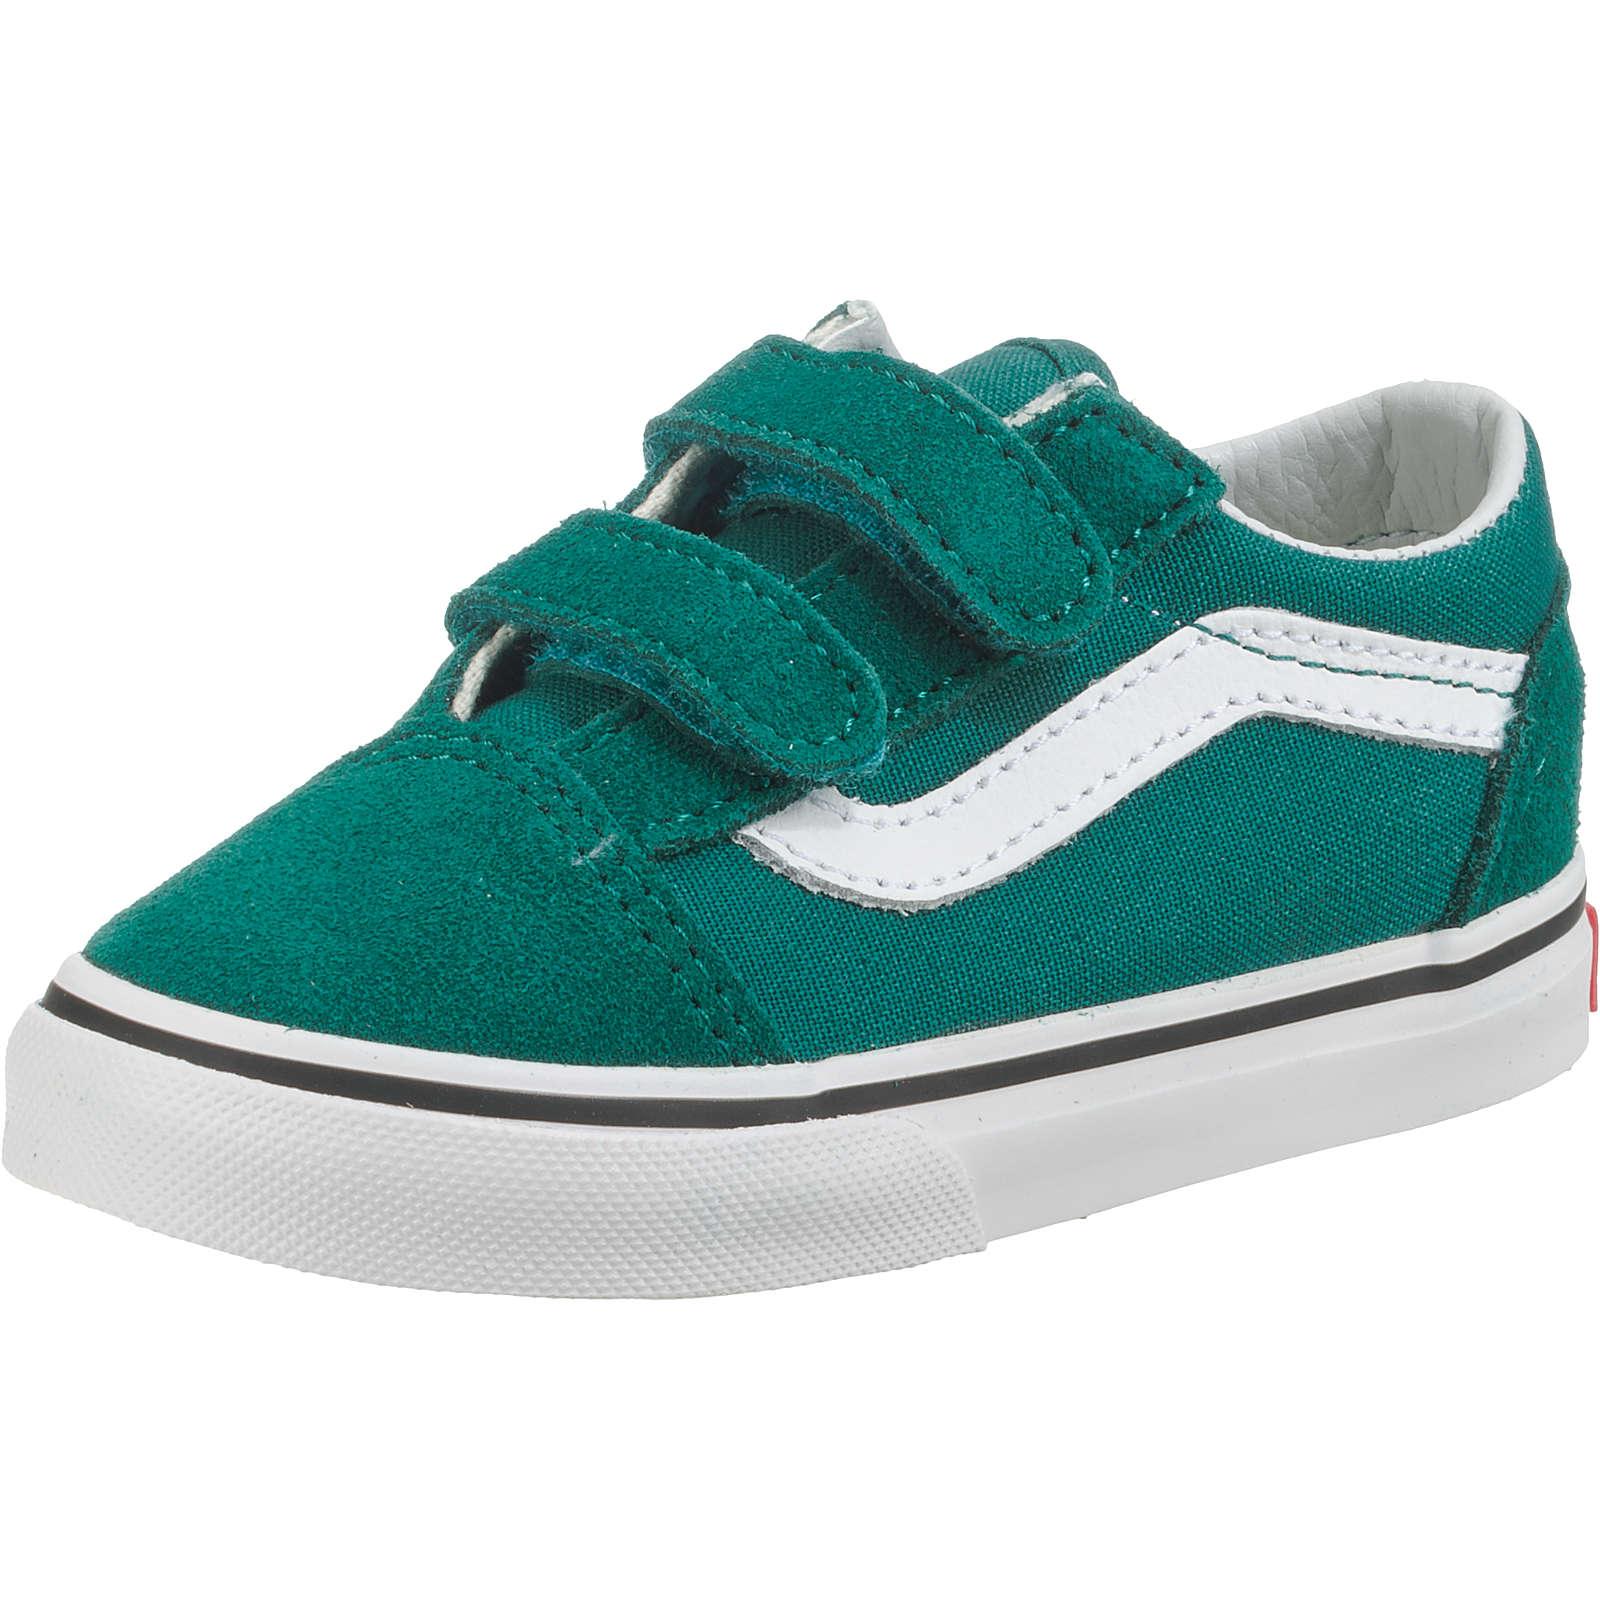 VANS Baby Sneakers Low TD Old Skool V für Jungen grün Junge Gr. 23,5